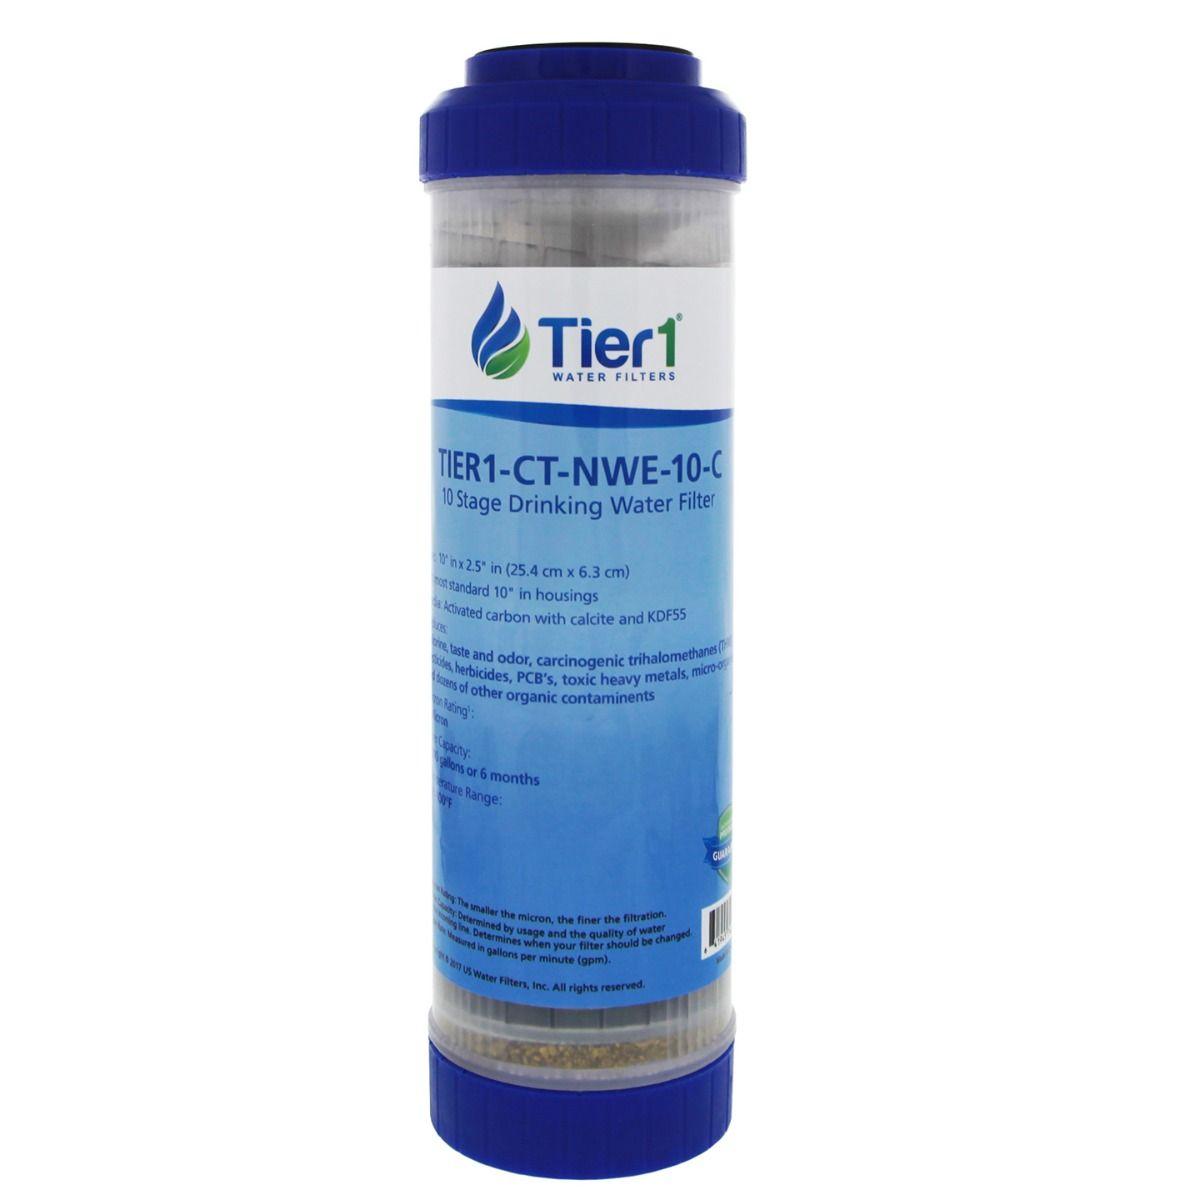 TIER1-CT-NWE-10-C